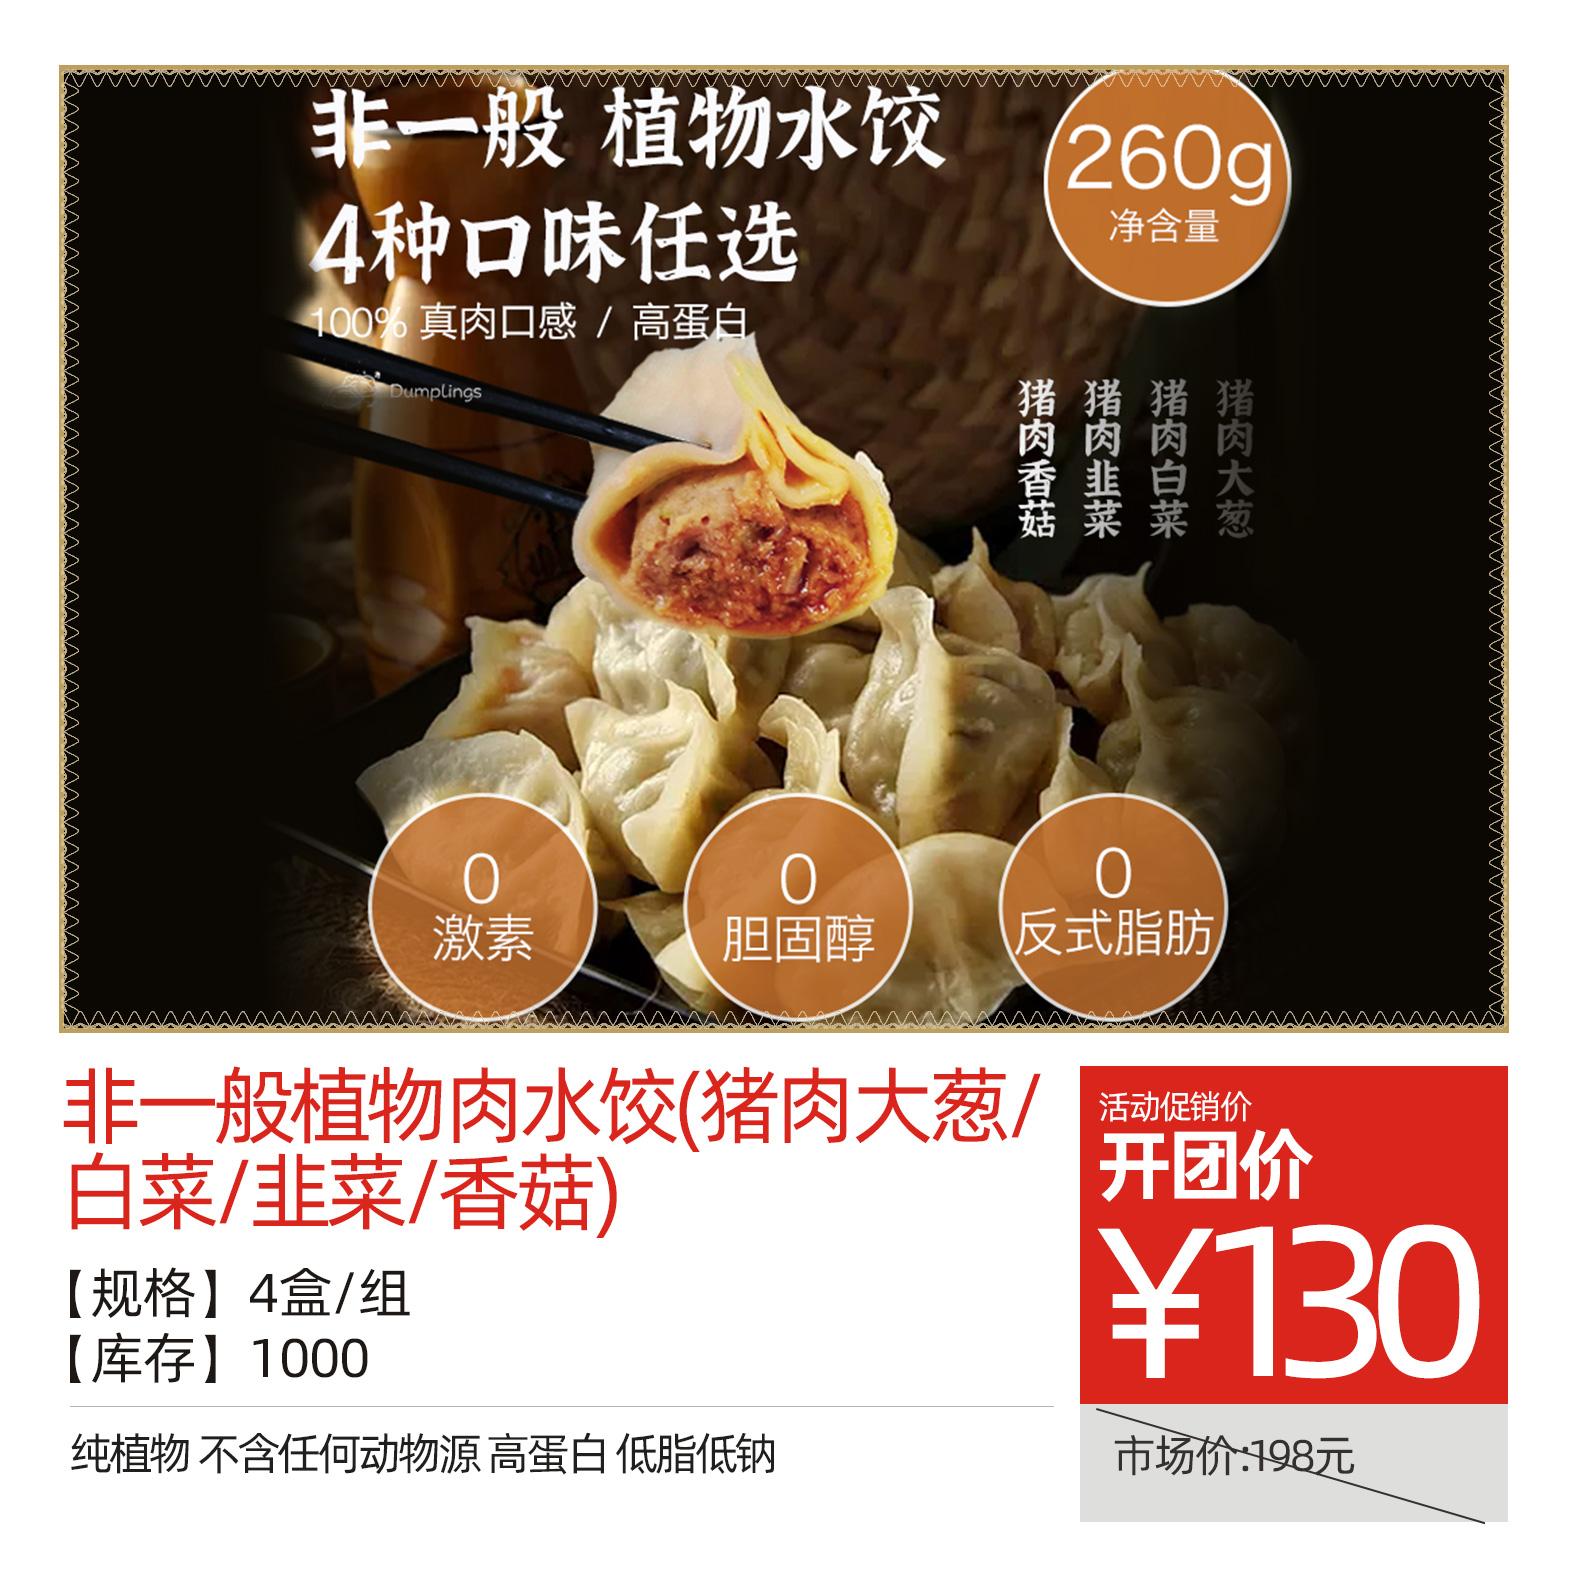 非一般植物肉水饺(猪肉大葱/白菜/韭菜/香菇)